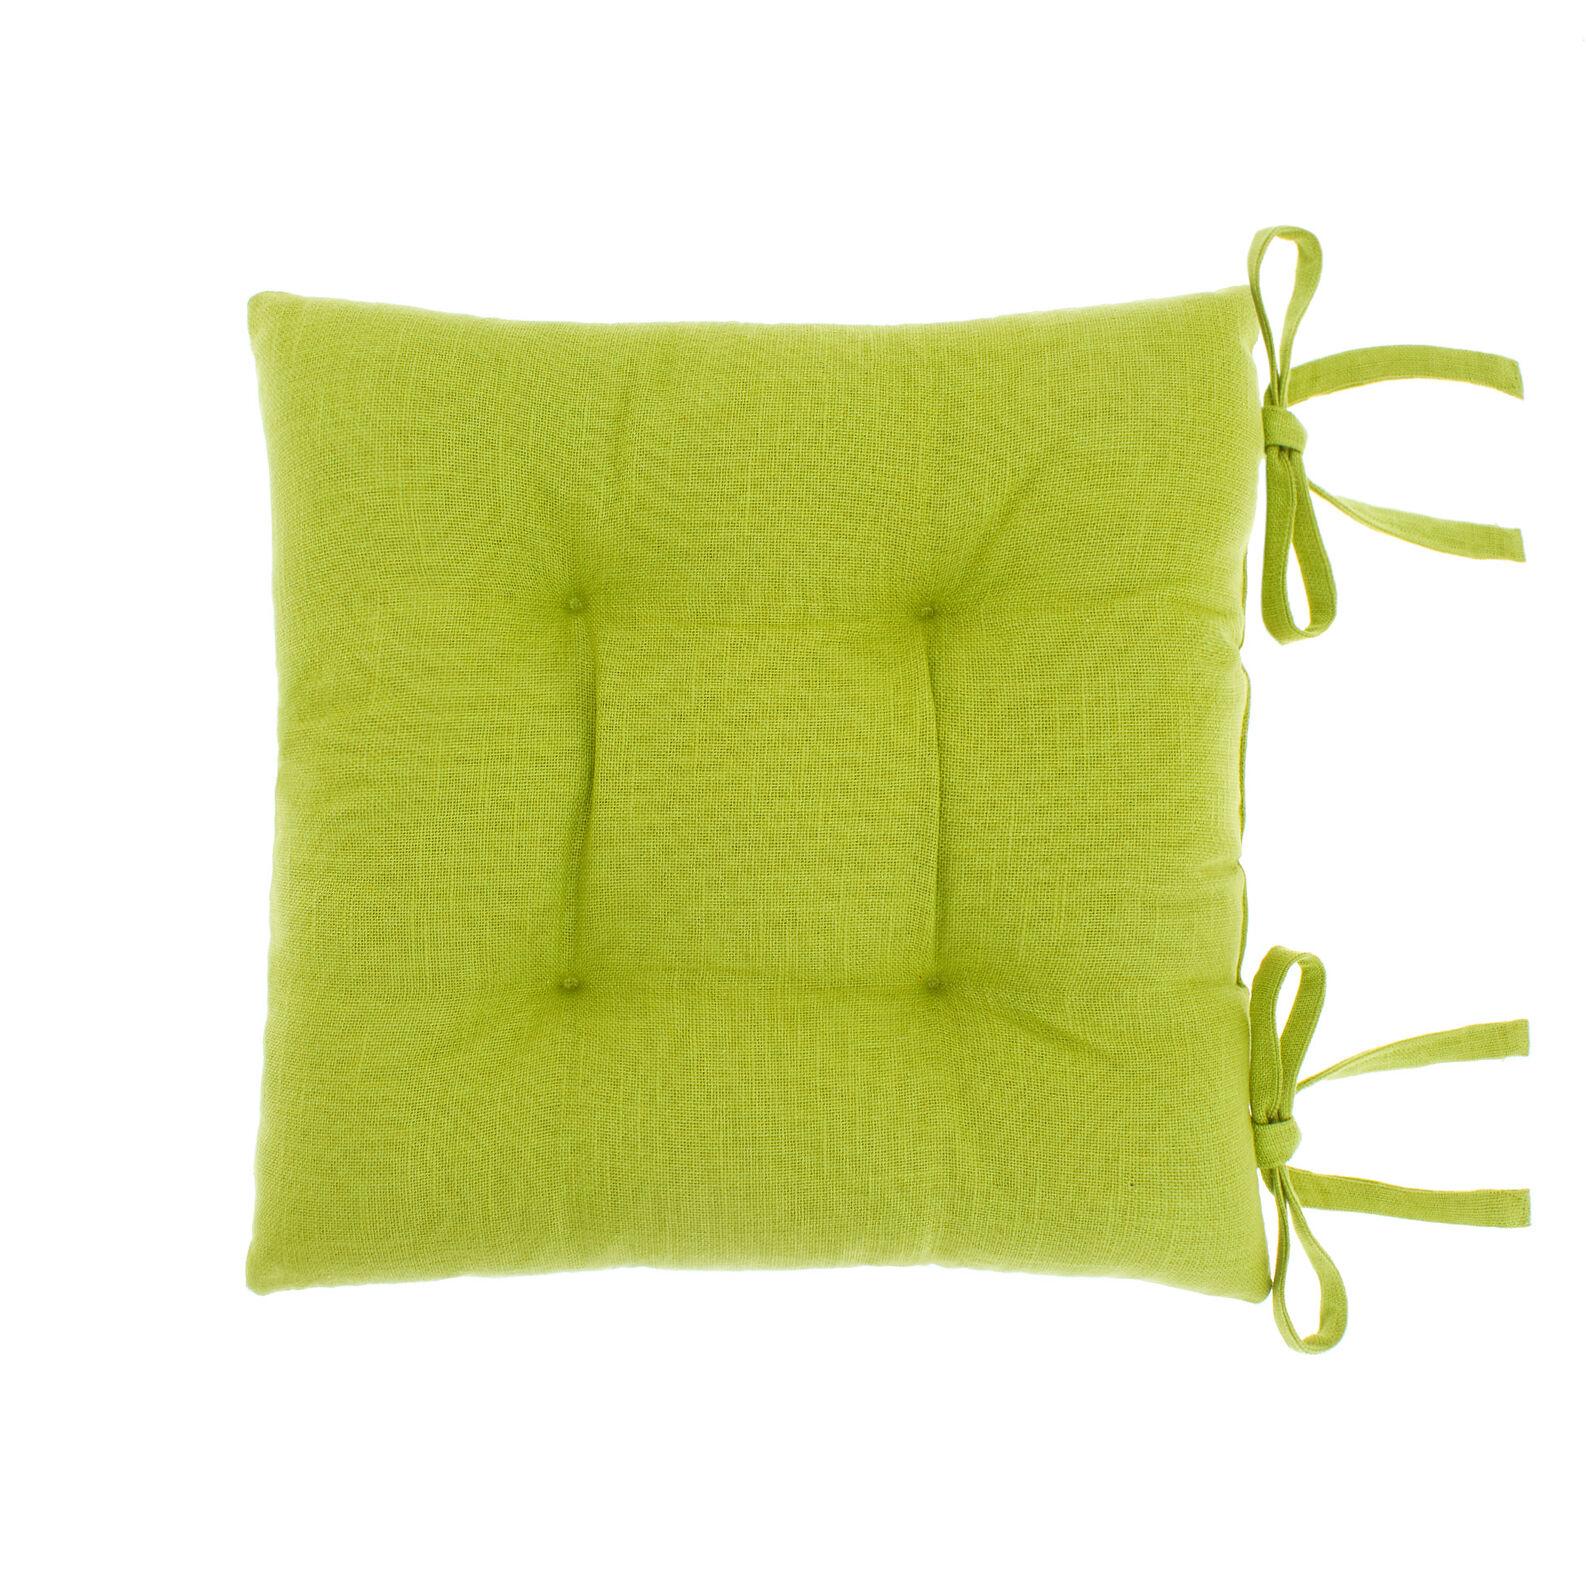 Cuscino da sedia puro cotone fiammato